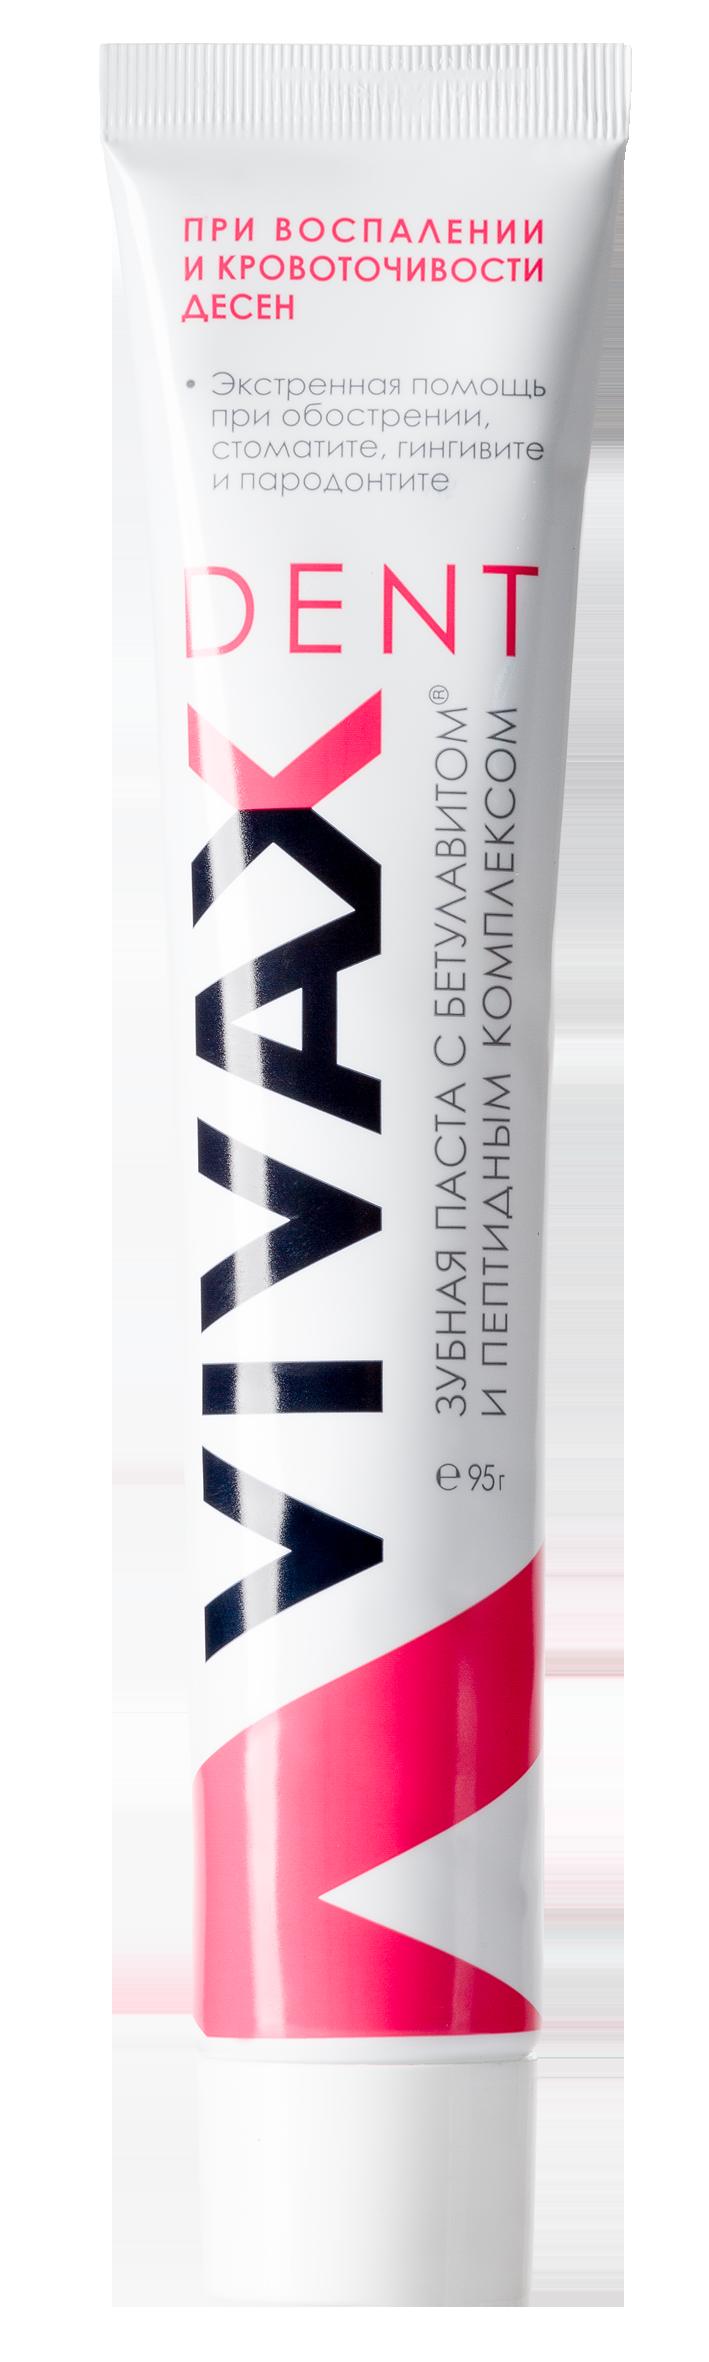 VIVAX Зубная паста с Бетулавитом / VIVAX Dent 75млОсобые средства<br>СКОРАЯ ПОМОЩЬ ПРИ ОБОСТРЕНИИ Рекомендовано: при стоматите, гингивите, пародонтите, в пред- и послеоперационном периодах при комплексном лечении пародонтита. Комплексное воздействие пептидов тимуса (АК-1), пептидов сосудов (АК-7) и Бетулавита&amp;reg; (экстракт бересты березы), способствует снижению кровоточивости и отечности десен, снимает воспаление. Пептиды сосудов значительно ускоряют регенерацию и заживление слизистой оболочки полости рта и десны, нормализуют обменные процессы и микроциркуляцию крови в тканях пародонта. Пептиды тимуса активизируют функции клеток соединительной ткани. Под воздействием пептидов тимуса &amp;laquo;VIVAX&amp;raquo; стимулирует локальный иммунитет, и оказывает антиоксидантное и антистрессорное действие. Бетулавит способствует уменьшению подвижности зубов. Зубная паста &amp;laquo;VIVAX&amp;raquo; устраняет гиперестезию эмали, связанную с пришеечным кариесом и некариозными поражениями зубов. Способствует замедлению прогрессии рецессии десны с оголением шеек зубов при заболеваниях пародонта. Улучшает минеральный обмен в тканях зубов: снижает риск развития кариеса, укрепляет и защищает зубную эмаль. Нейтрализует кислоту, образующуюся после приема пищи, обладает выраженным антибактериальным действием. Эффективна при борьбе с пародонтитом, стоматитом, галлитозом (избавляет от неприятного запаха изо рта). Состав: вода очищенная, дикальцийфосфат дигидрат, сорбитол, натрия лаурилсульфат, натрия карбоксилметилцеллюлоза, тетракалия пирофосфат, тетранатрия пирофосфат, 1,3 бутиленгликоль, метилпарабен, пропилпарабен, этилпарабен, ароматическая добавка, полиоксиэтилен сорбитанмоноолеат, аспартам, сахарин, экстракт бересты Бетулавит&amp;reg;, CI 42090, пептидные комплексы АК-1 и АК-7. Способ применения: Небольшое количество зубной пасты нанести на мягкую зубную щетку. Чистить зубы круговыми движениями, одновременно аккуратно массируя десны. Полость рта ополоснуть небольшим количест